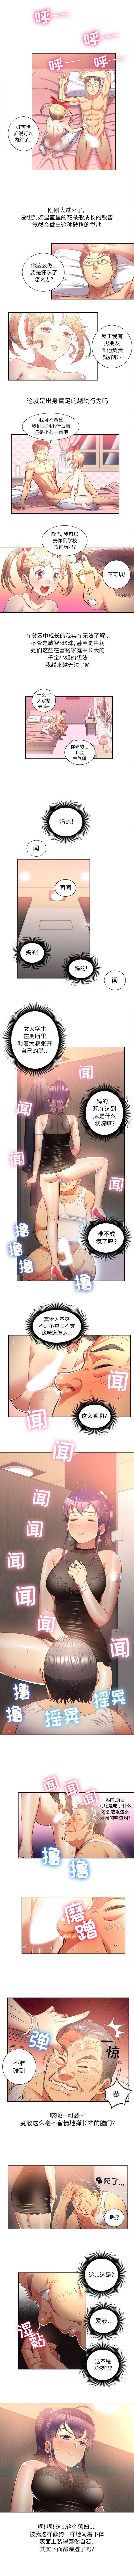 由莉的秘密1-60 中文翻译 (更新中) 90